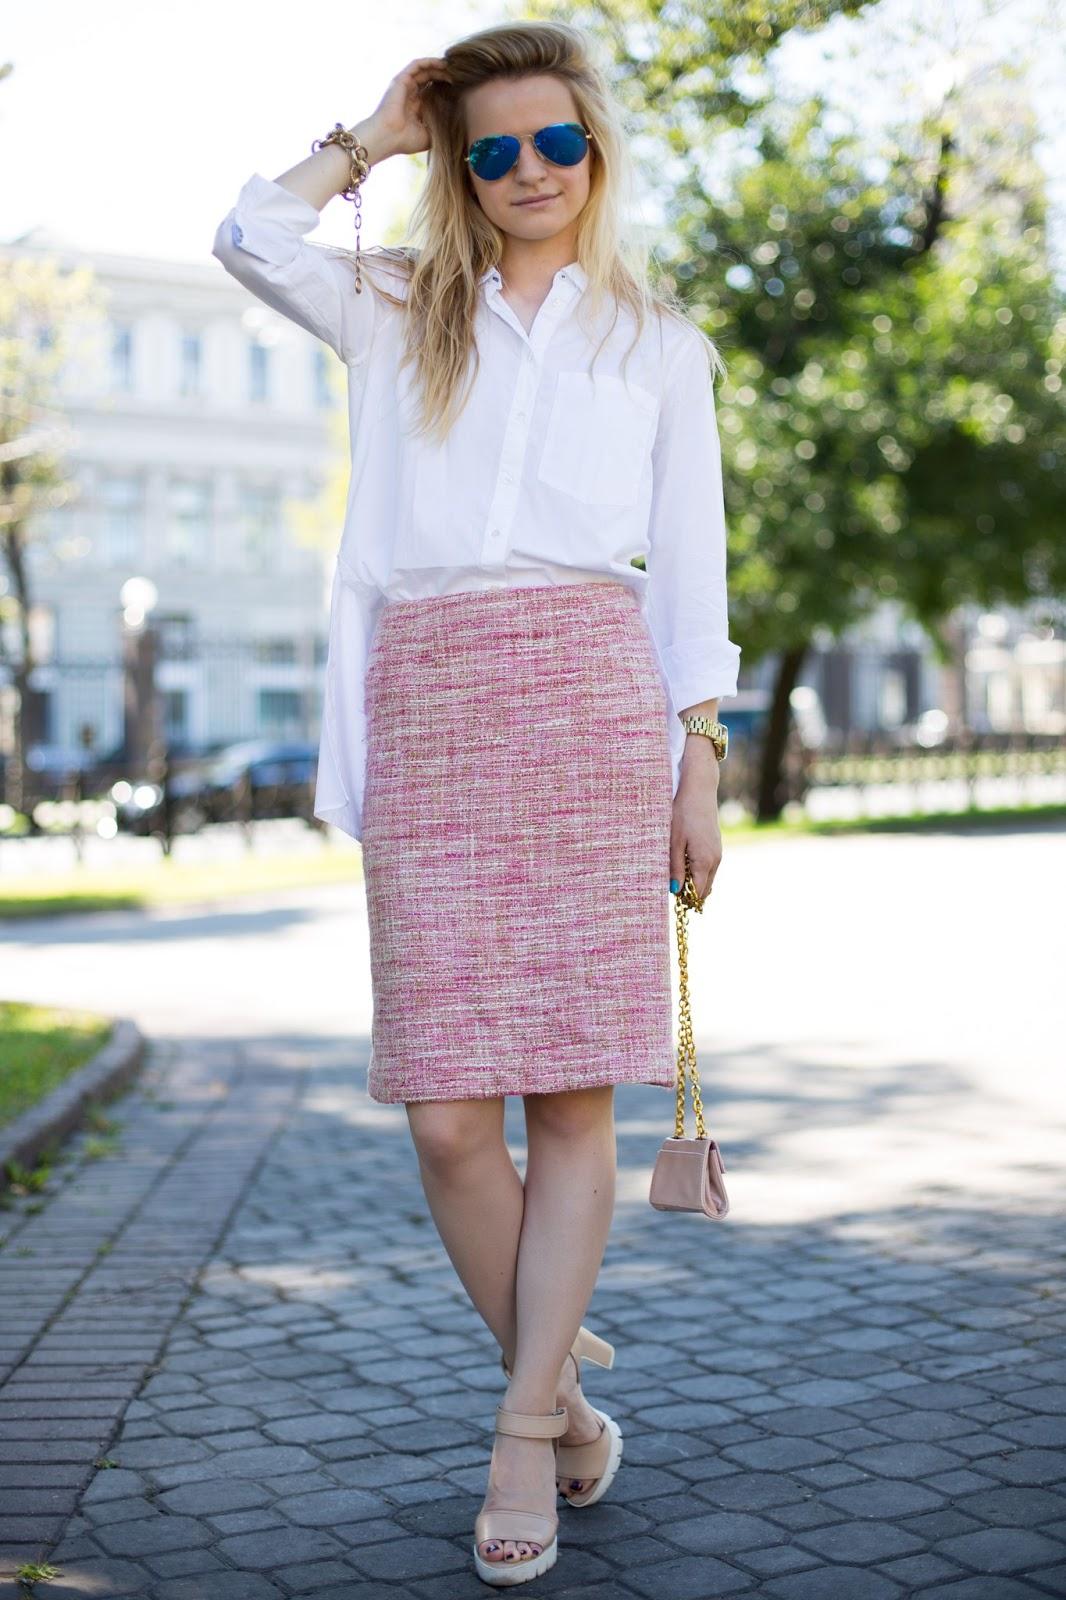 Ирина Павлов блог, блог коста мода, фэшн блоггеры россии Ирина, модный блоггер 2015 фото, модная белая рубашка